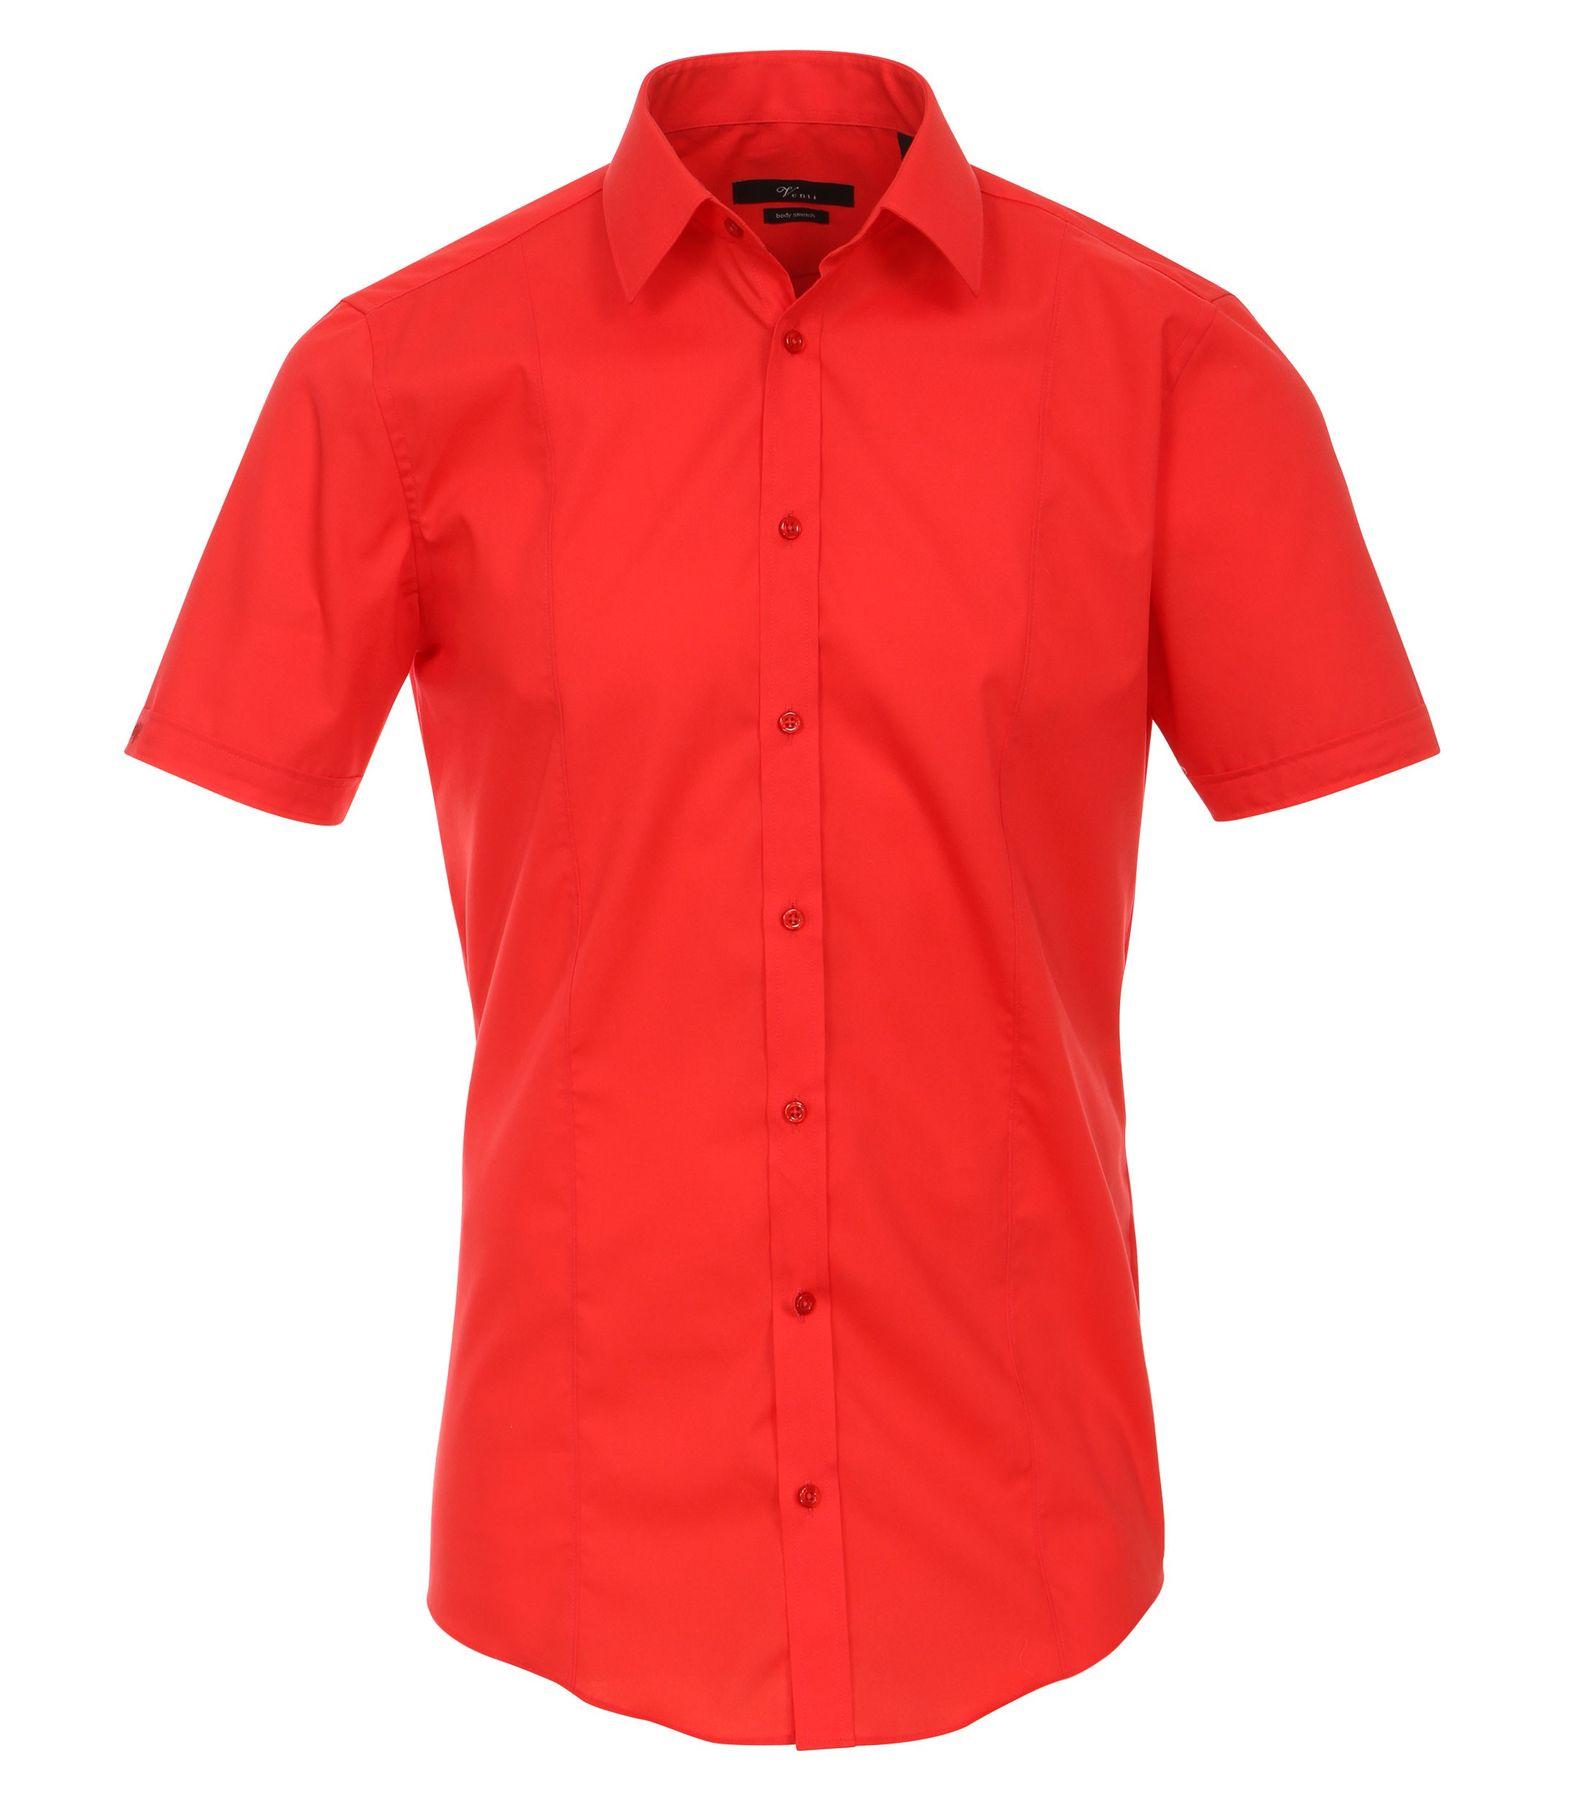 Venti - Body Stretch/ Super Slim Fit - Bügelfreies Herren Kurzarm Hemd in verschiedenen Farben (001670 A)  – Bild 15